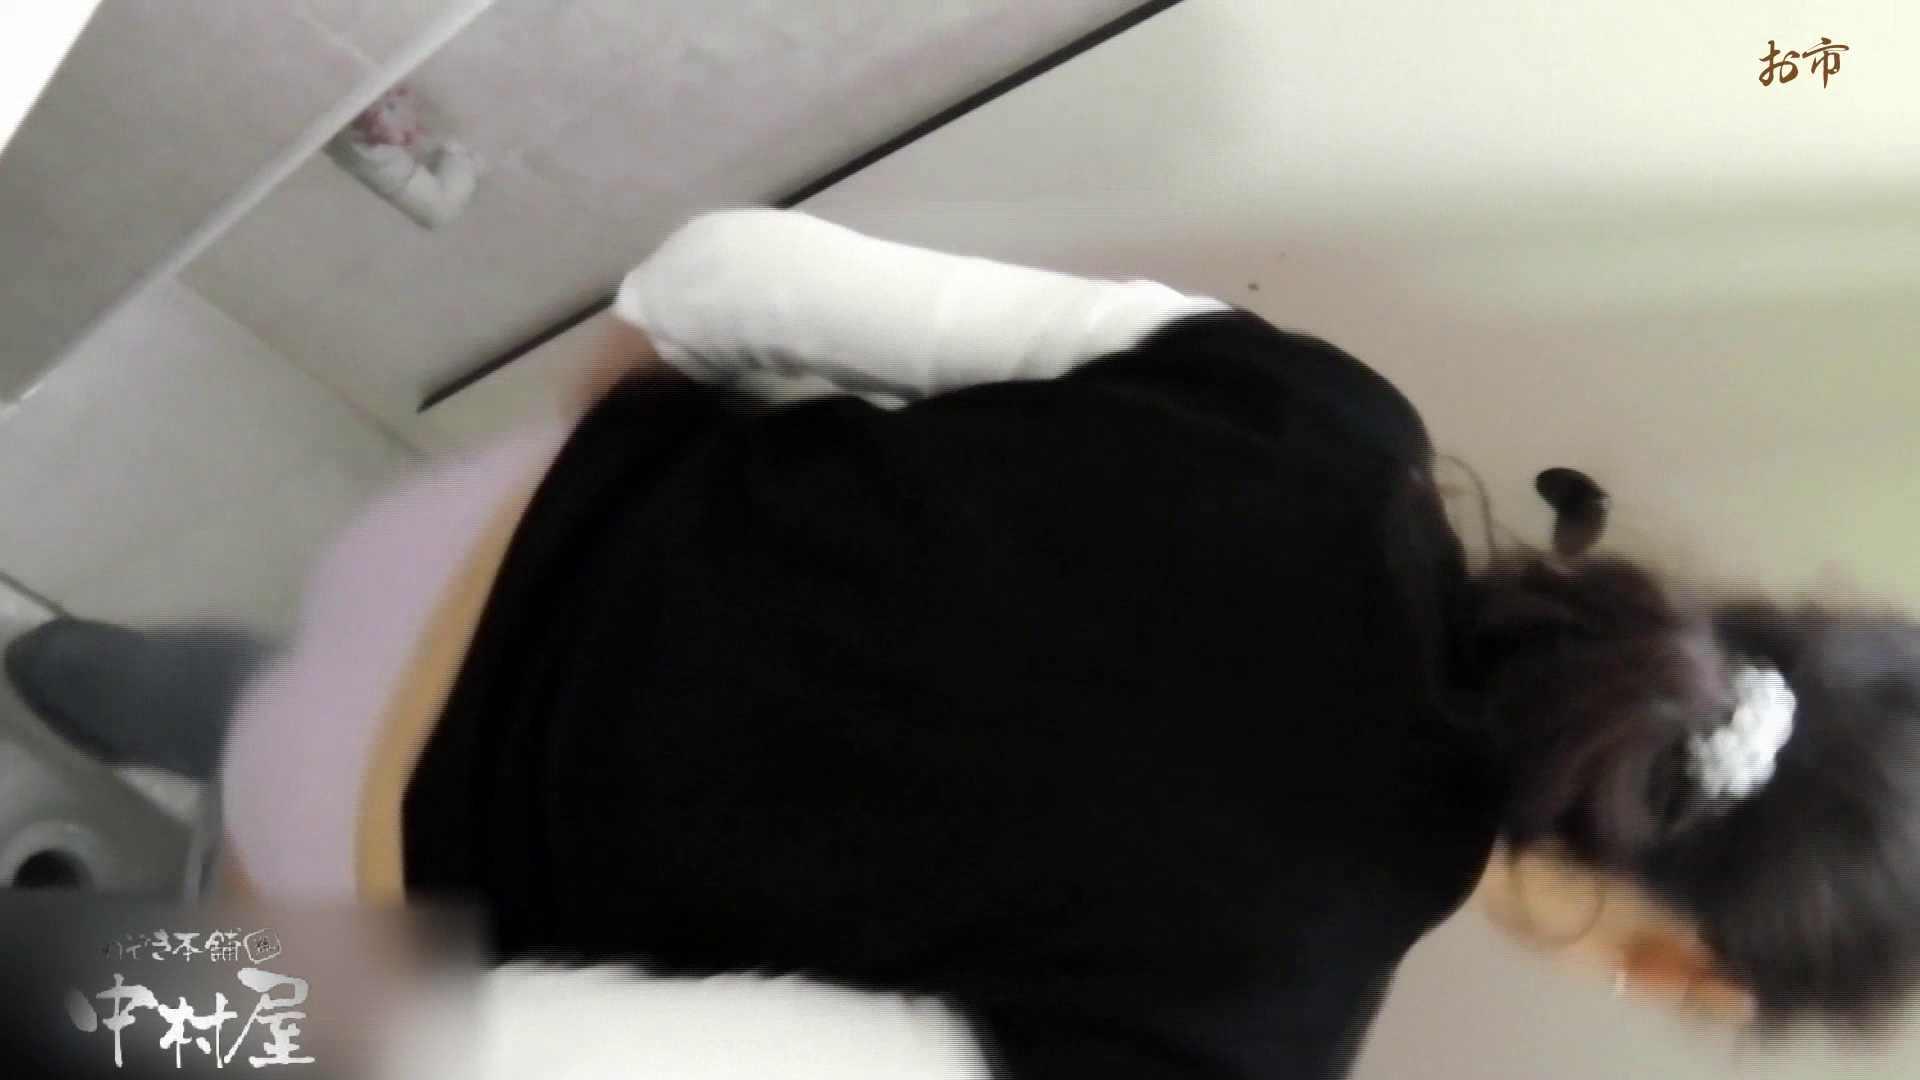 お市さんの「お尻丸出しジャンボリー」No.17 潜入 AV動画キャプチャ 108枚